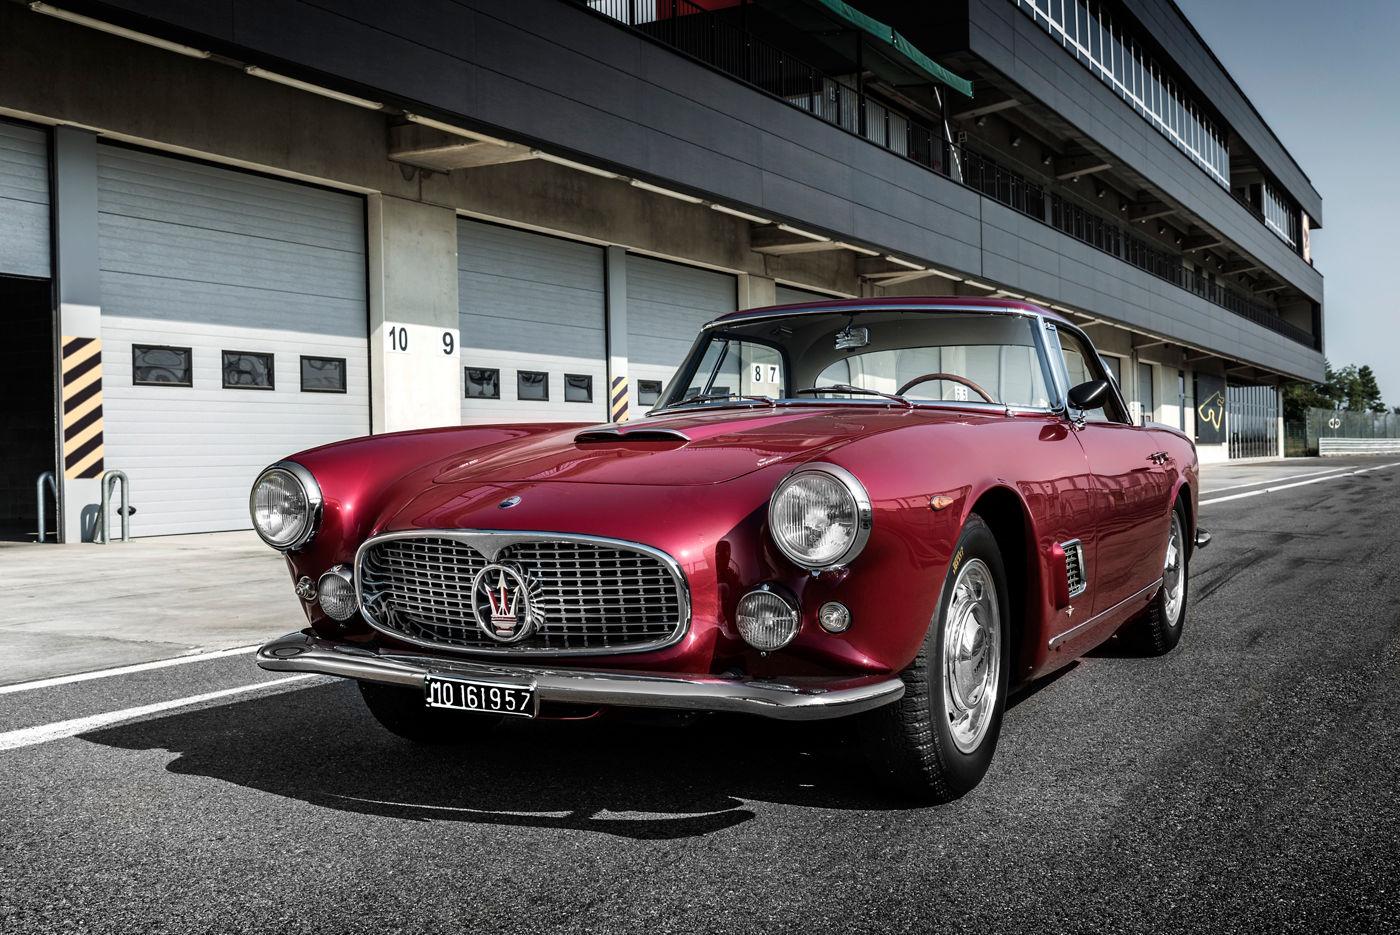 A historical Maserati GranTurismo model - track close up